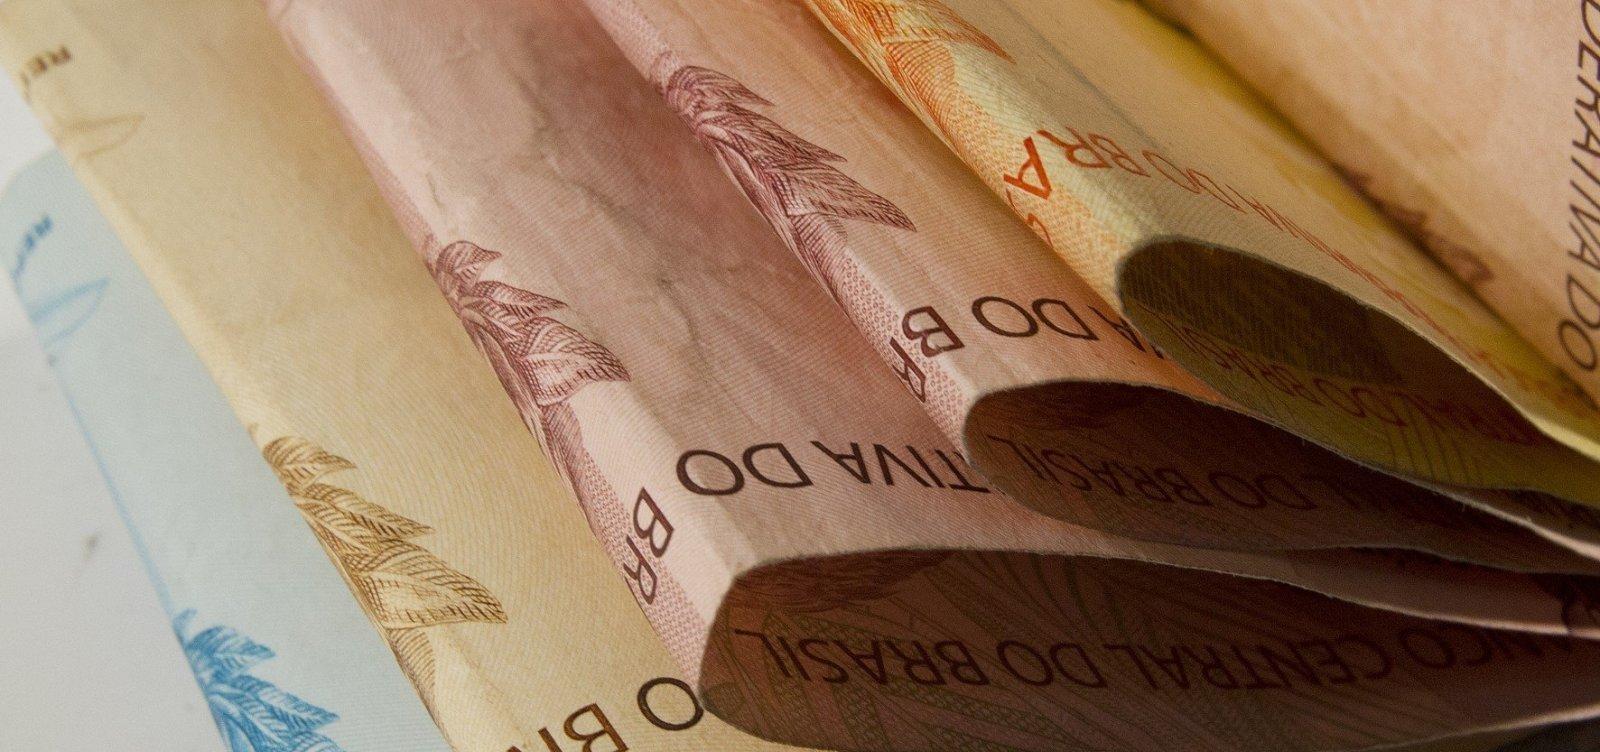 [Quase 90% dos brasileiros pretendem usar 13º salário para quitar dívidas, diz pesquisa]